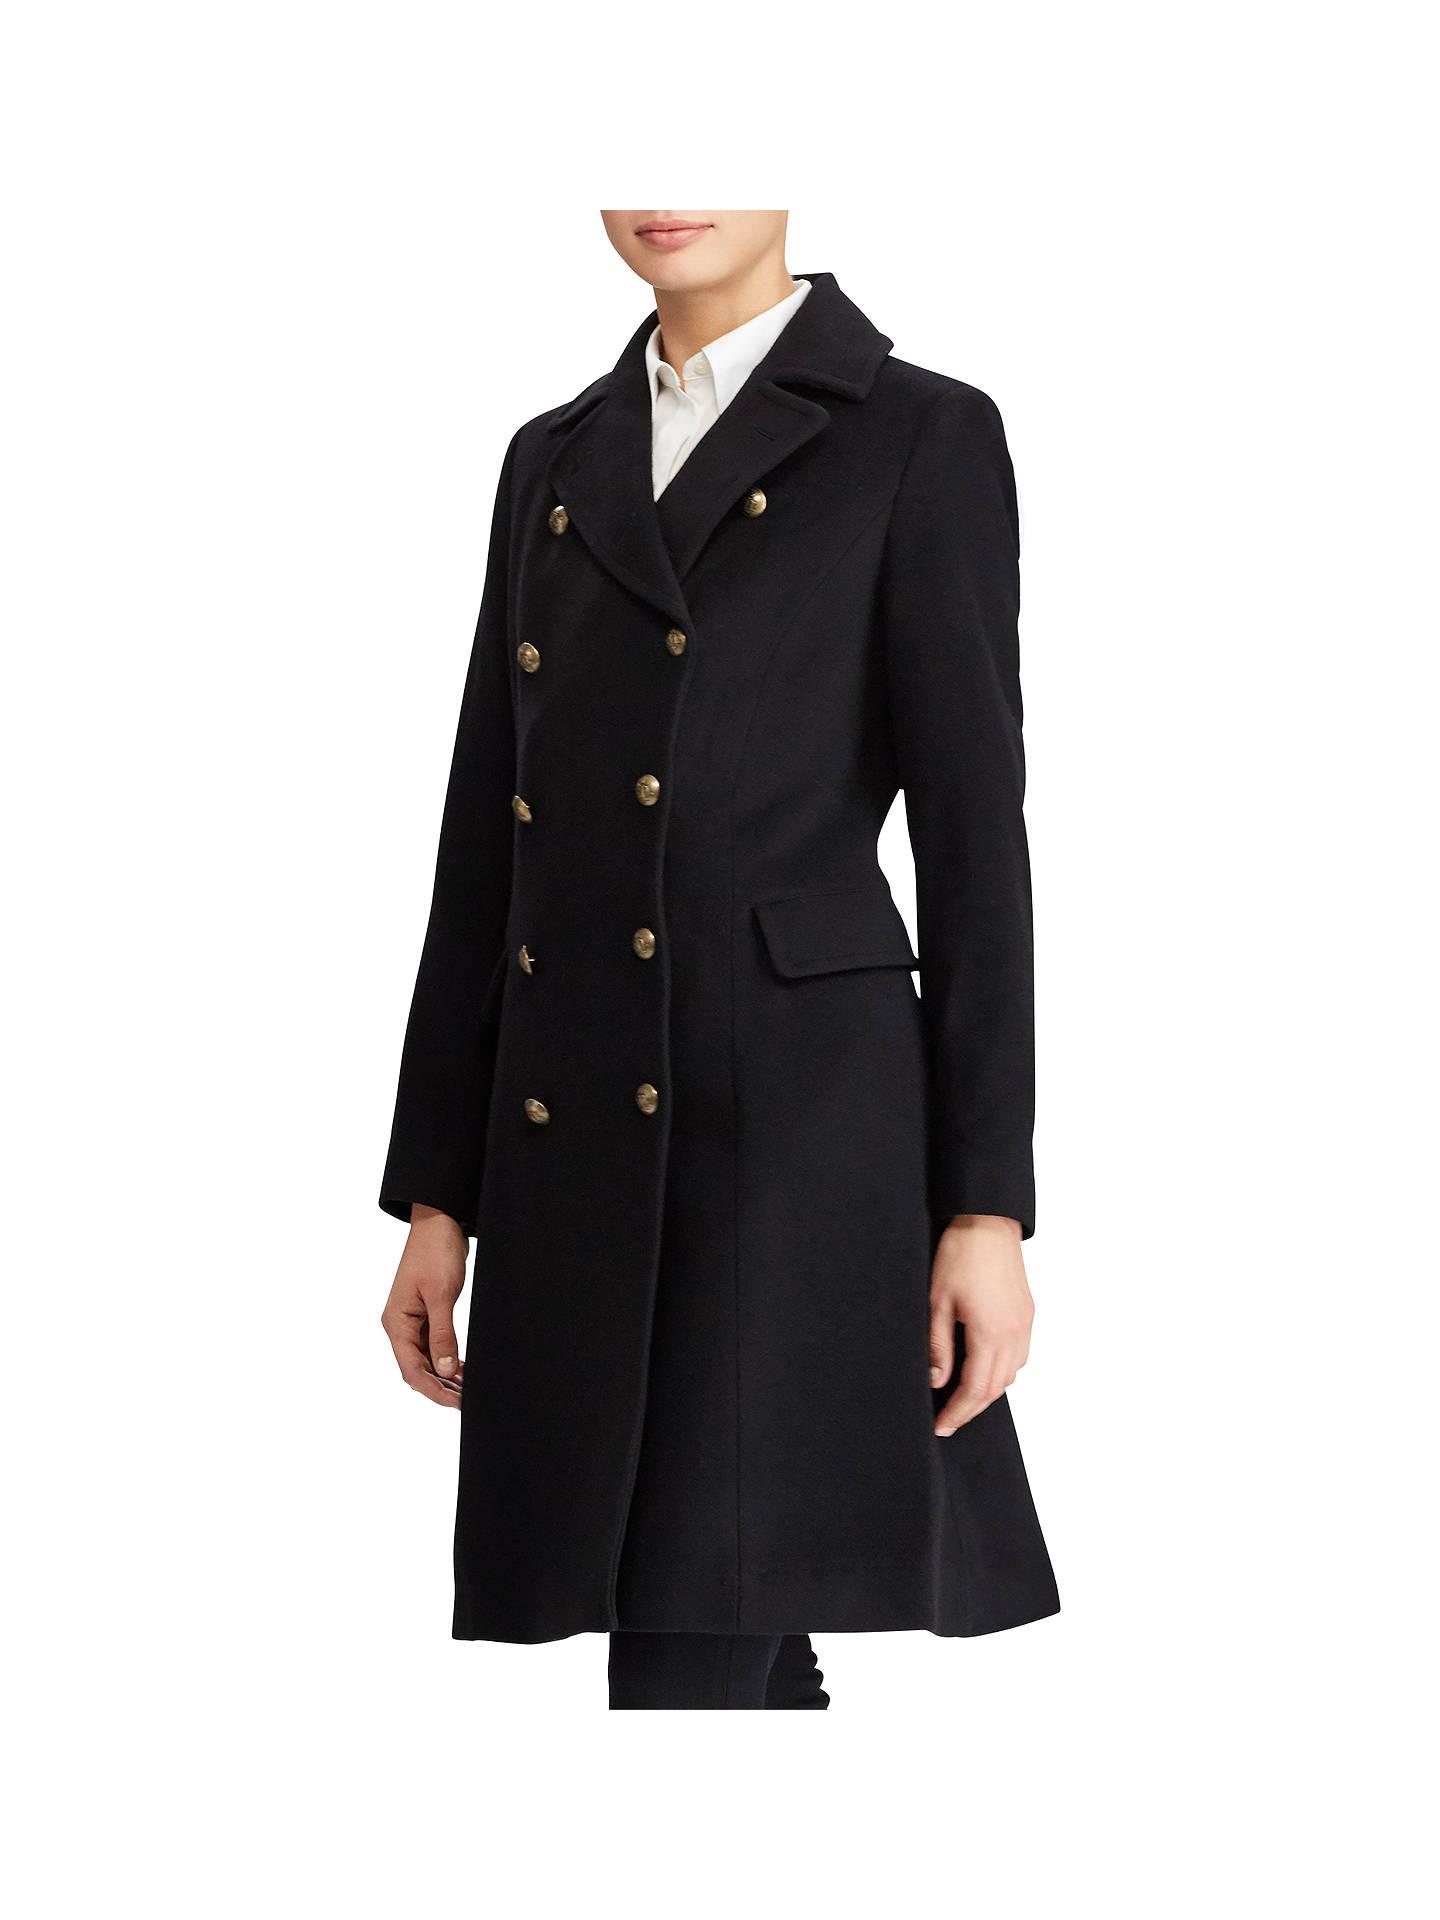 b670efcb082c Buy Lauren Ralph Lauren Wool Blend Military Coat